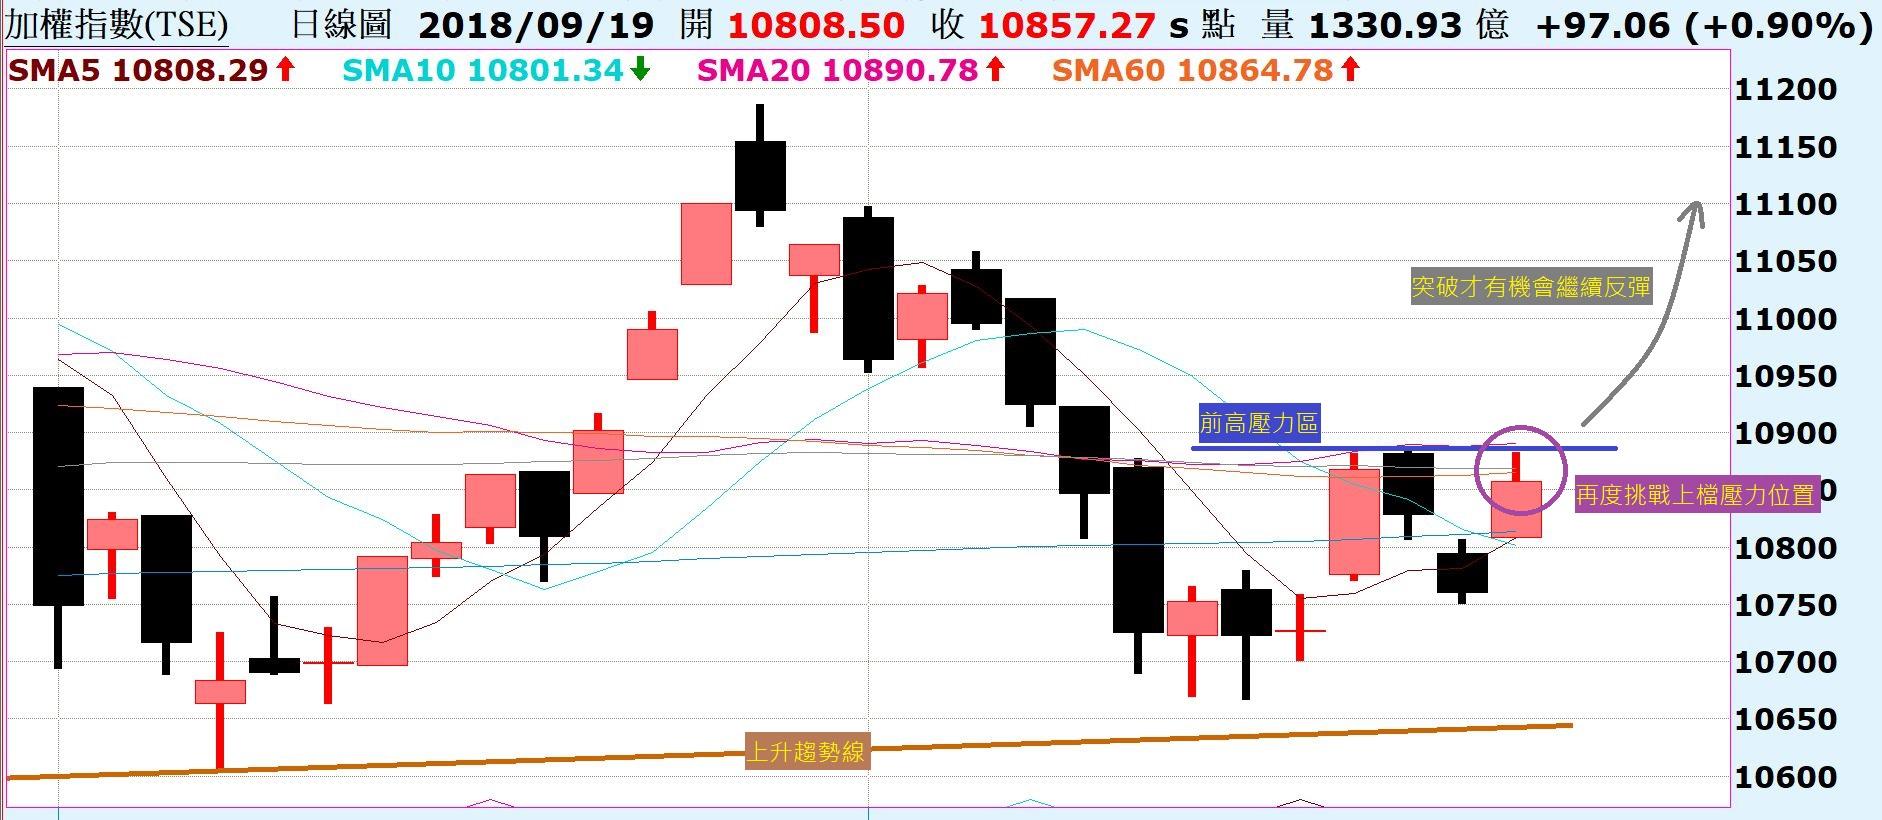 台股短期利空出盡,再次挑戰上檔壓力區,持續反彈!陸股A50突破季線,留意假突破真拉回!